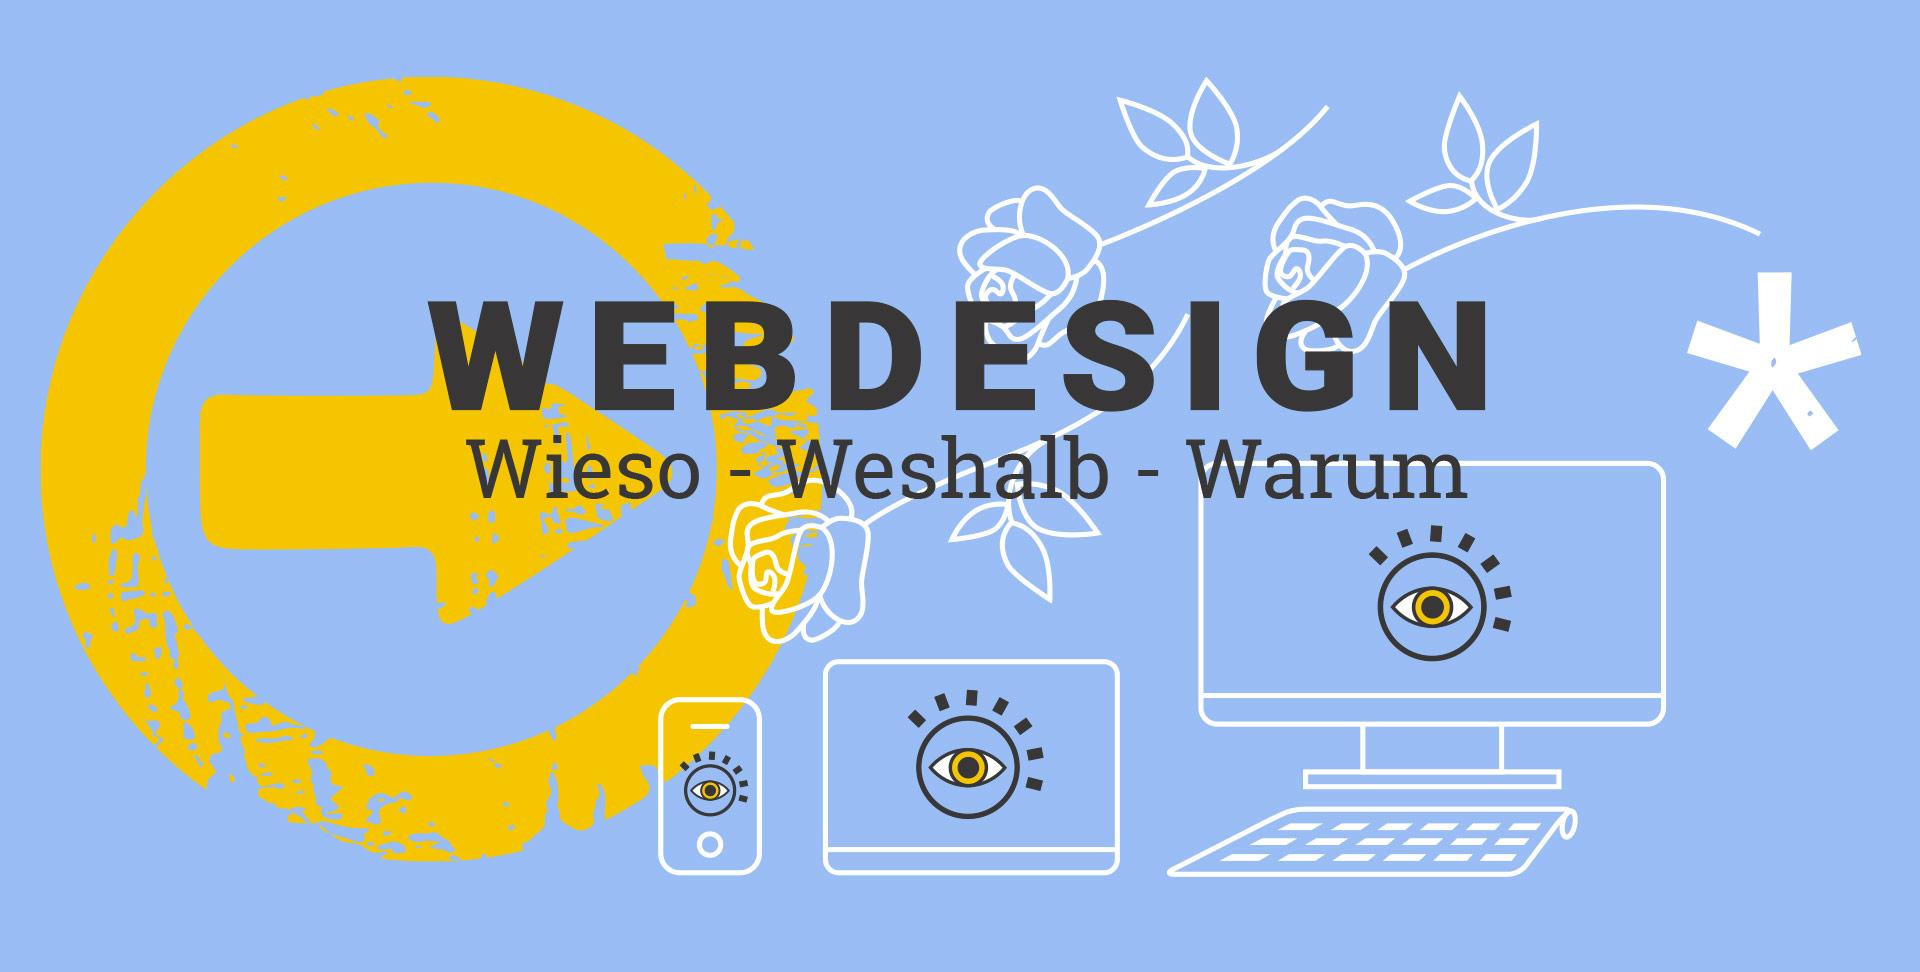 Überzeugendes und funktionelles Webdesign aus Lüneburg - Wieso, weshalb, warum, im blauen Hintergrund ein stilisierter Pfeil, Illustrationen von Smartphone, Tablet und Rechner sowie drei stilisierten geworfenen Rosen als Zeichen des Applauses